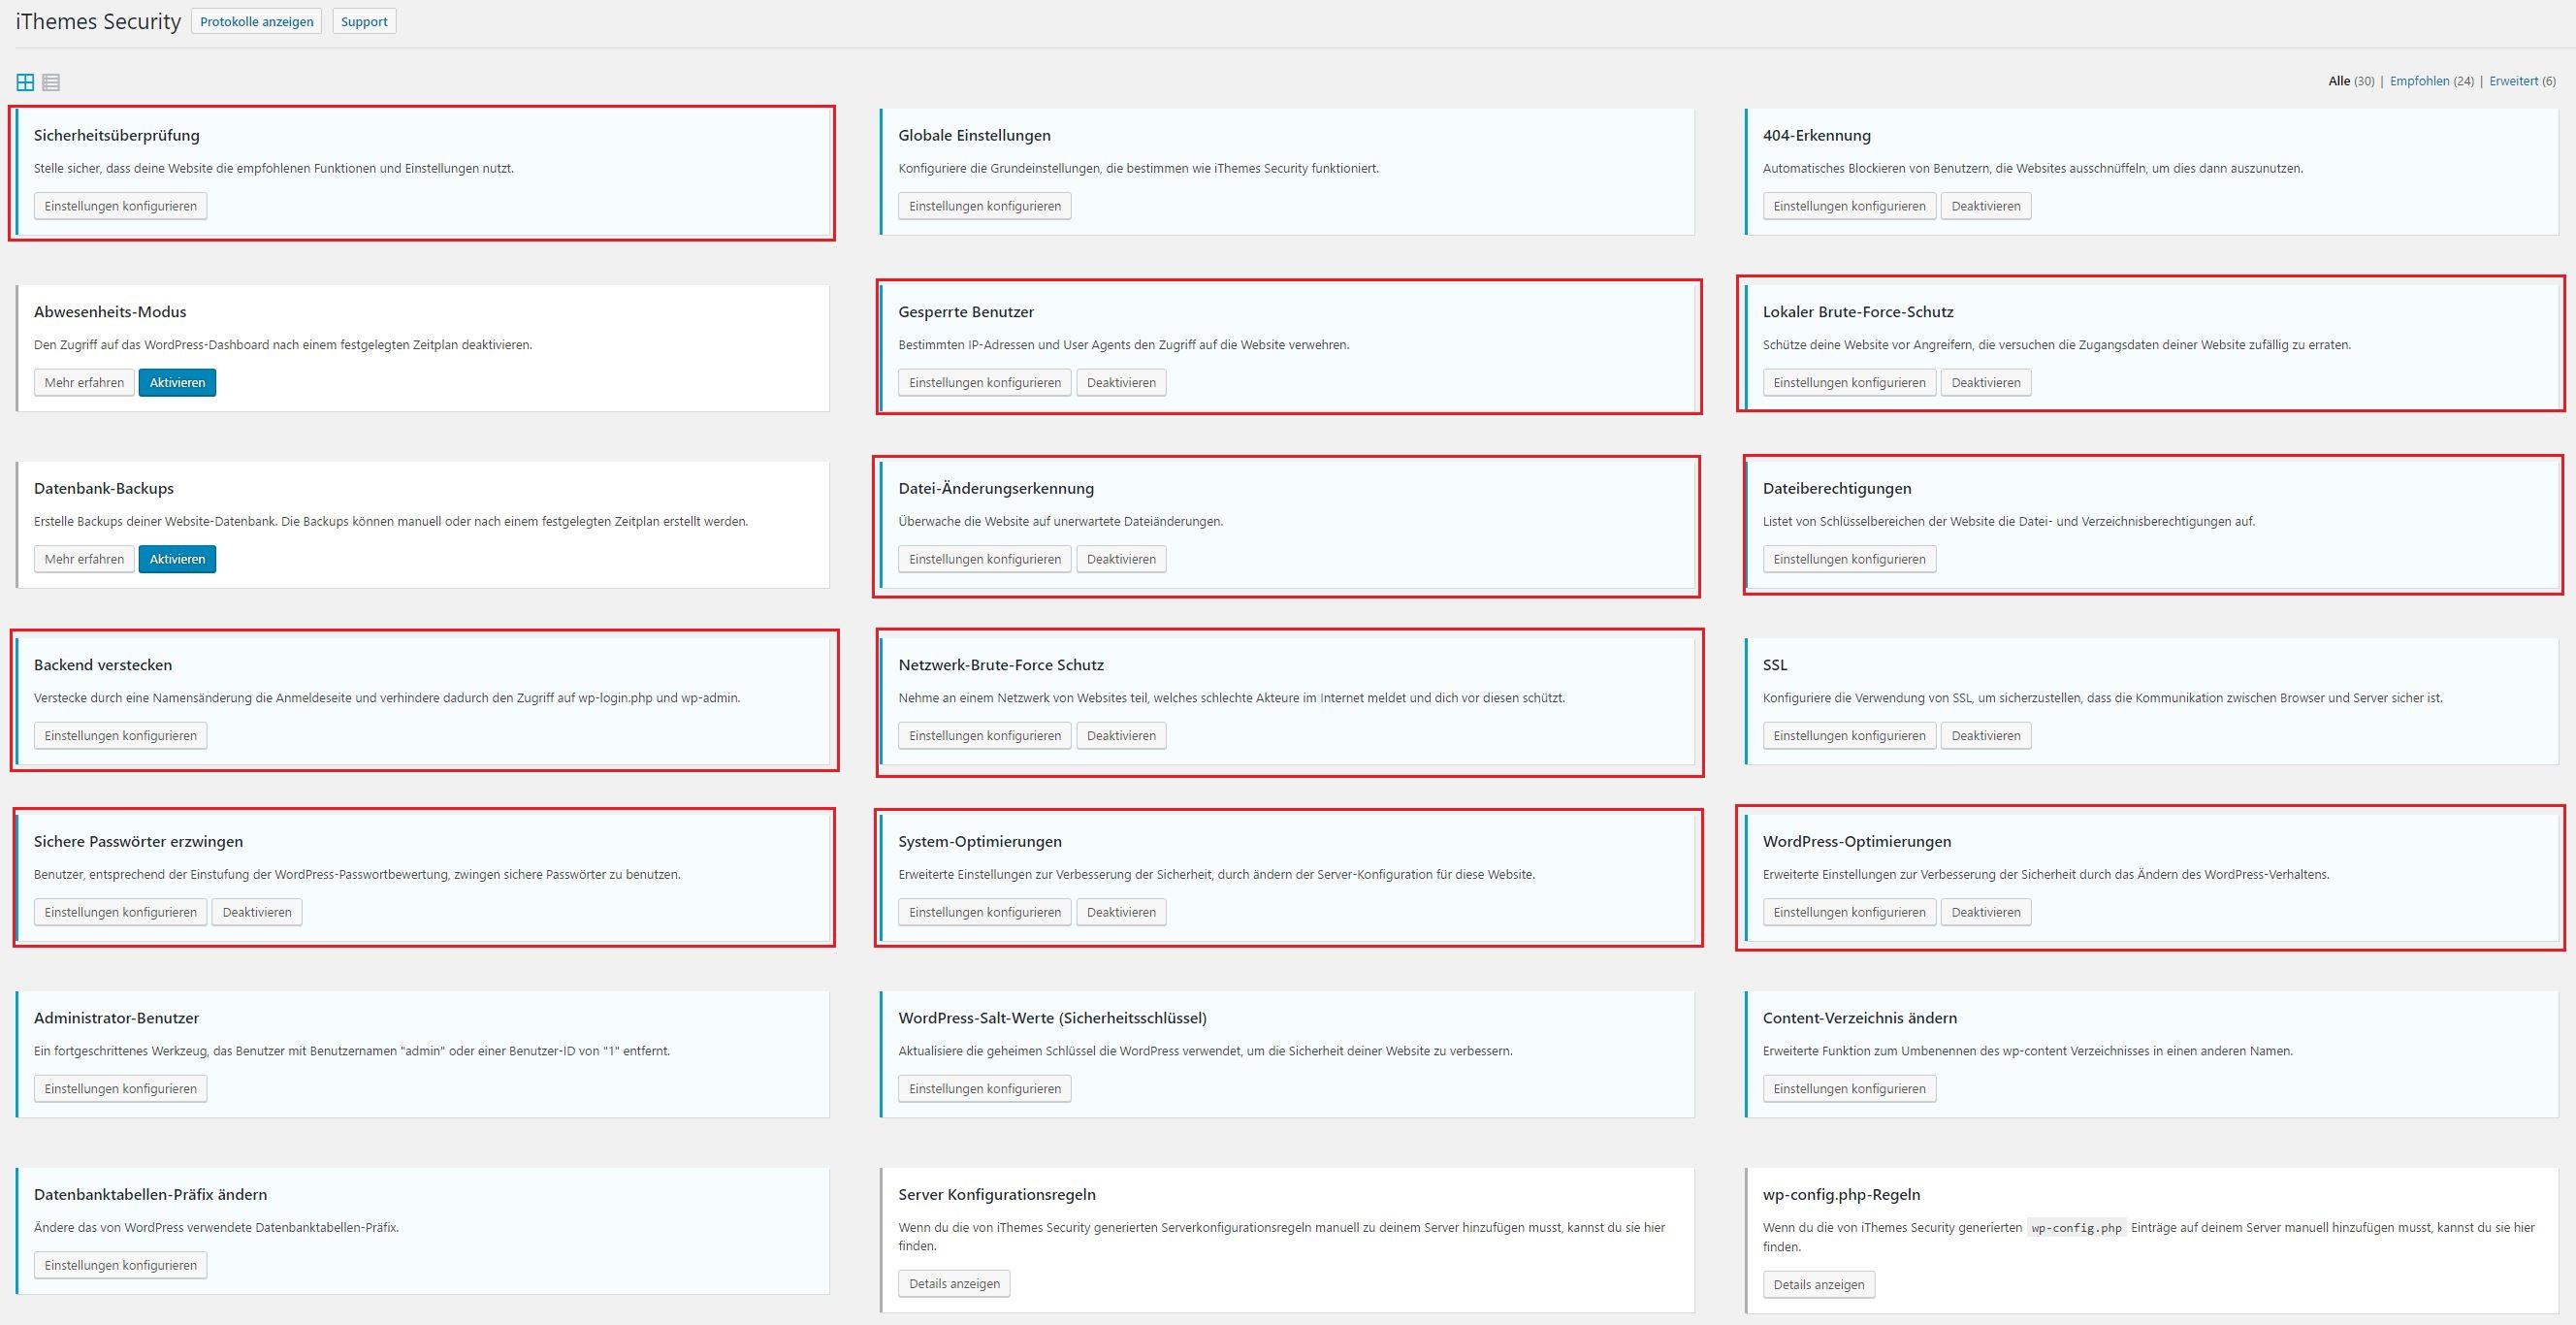 Wichtige Einstellungen iThemes Security Plugin für WordPress Sicherheit erhöhen und WordPress Blog schützen vor Hacking und Virus